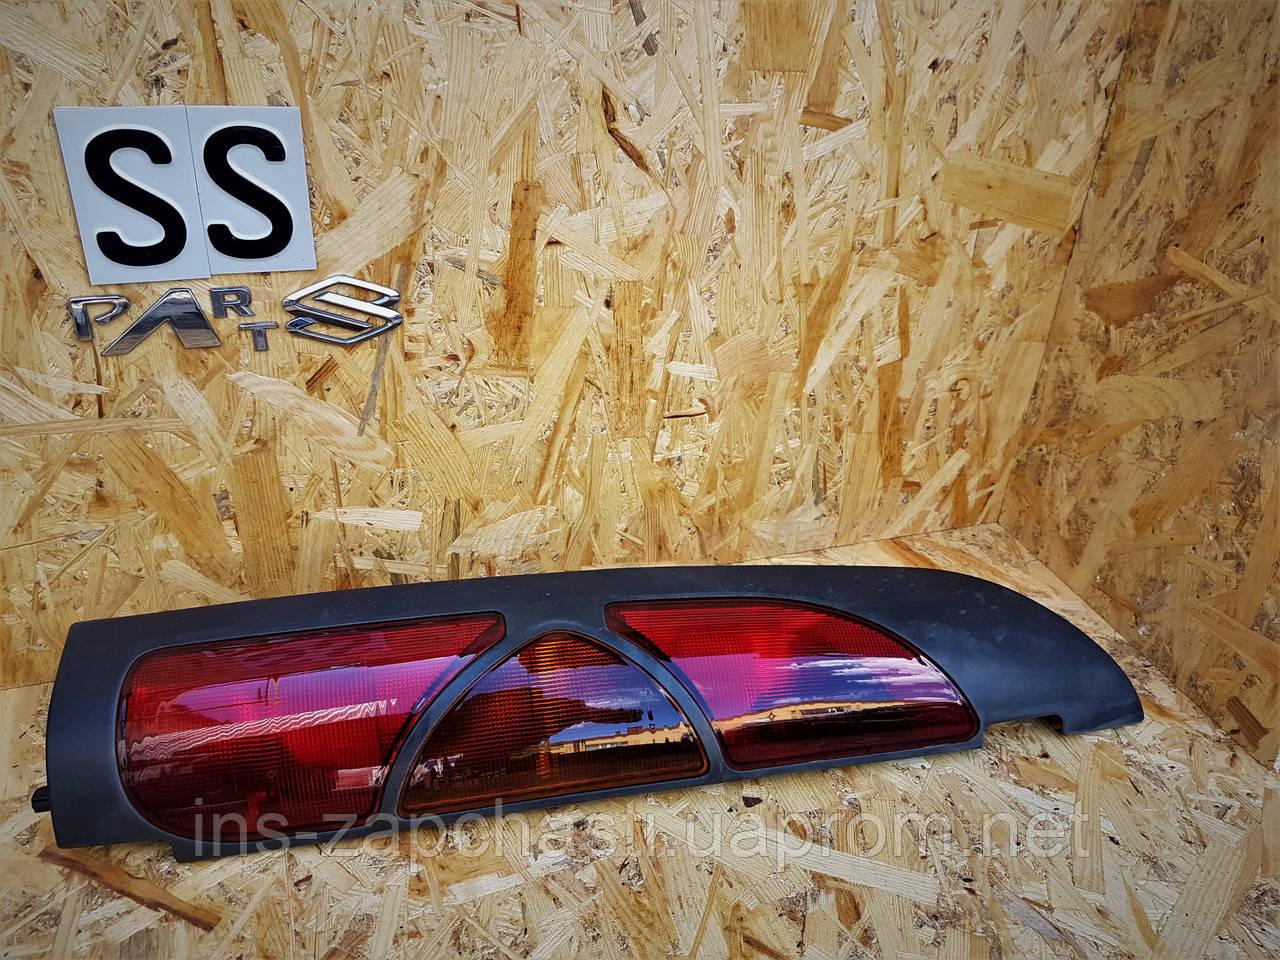 8200103284 Фонарь задный левий Renault Kangoo Рено Кенго  ліхтар заній лівий рено канго перше